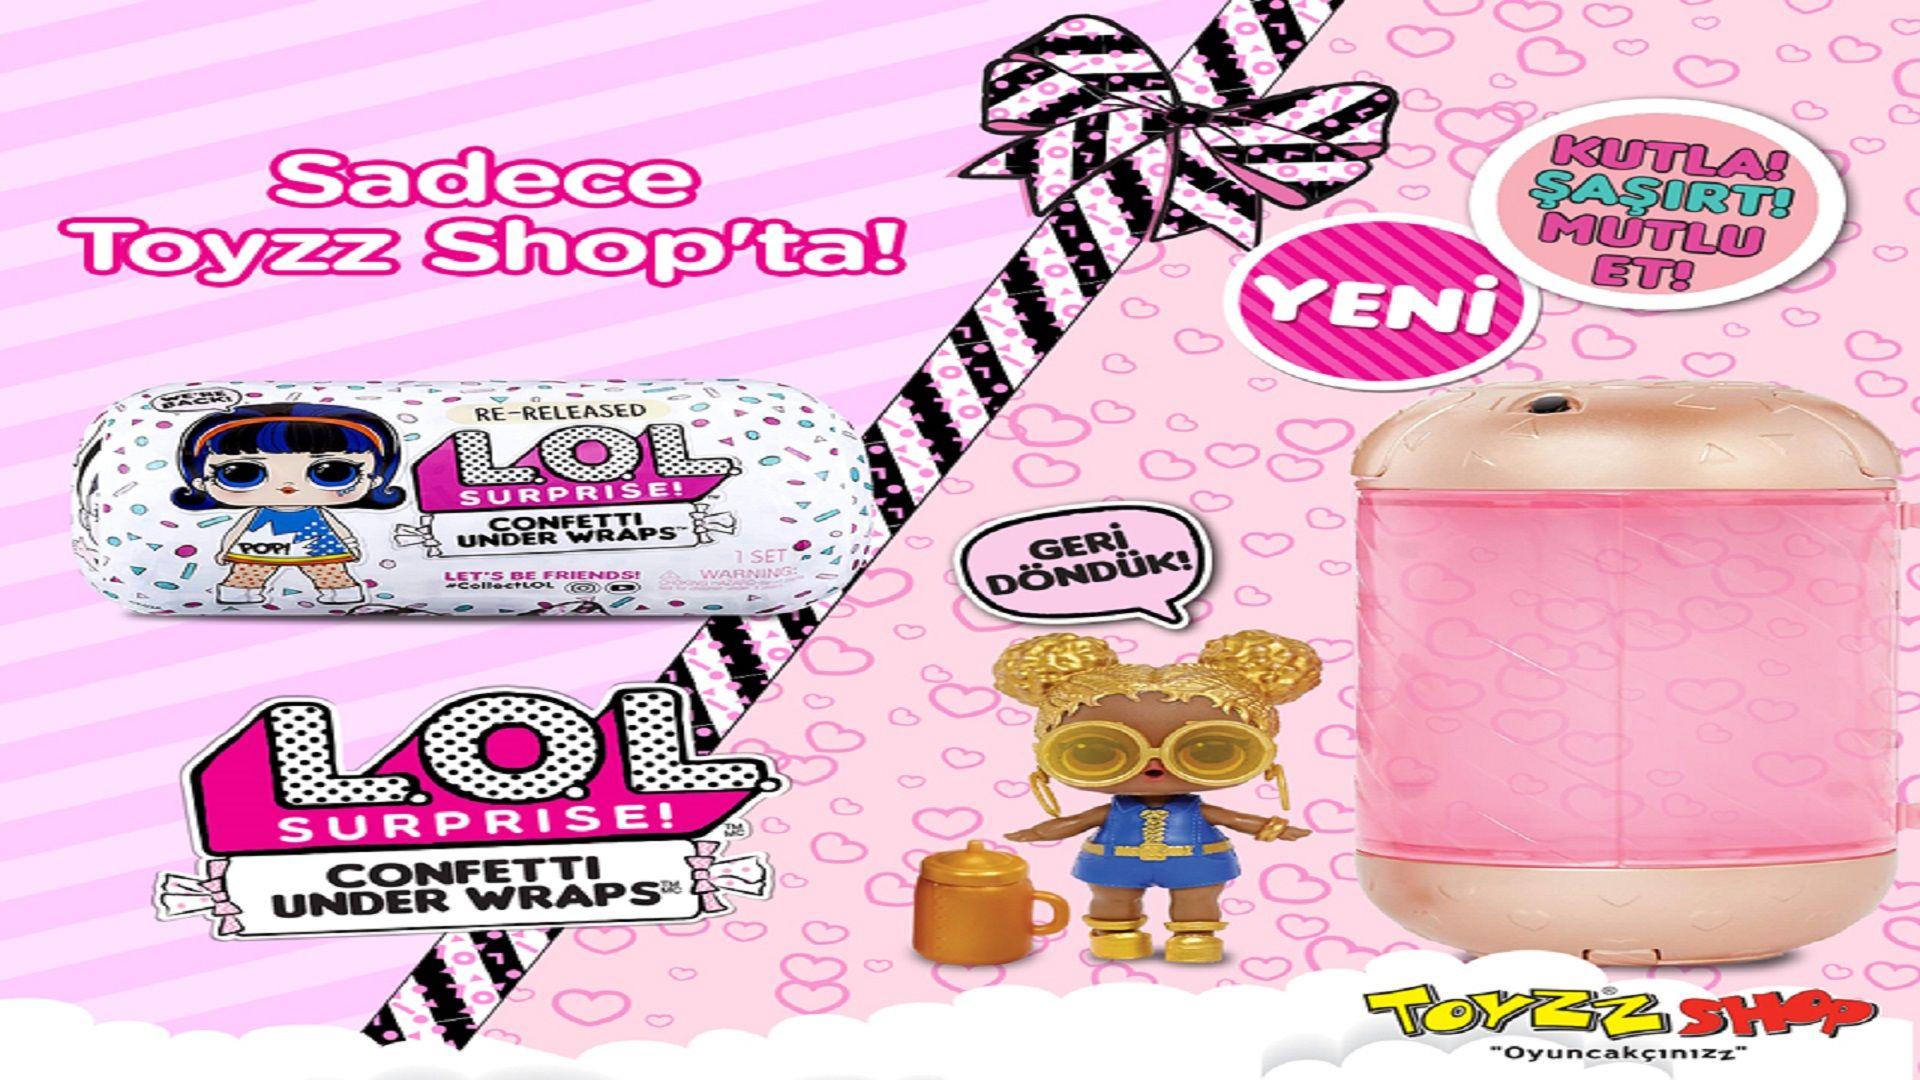 Sadece Toyzz Shop'ta!